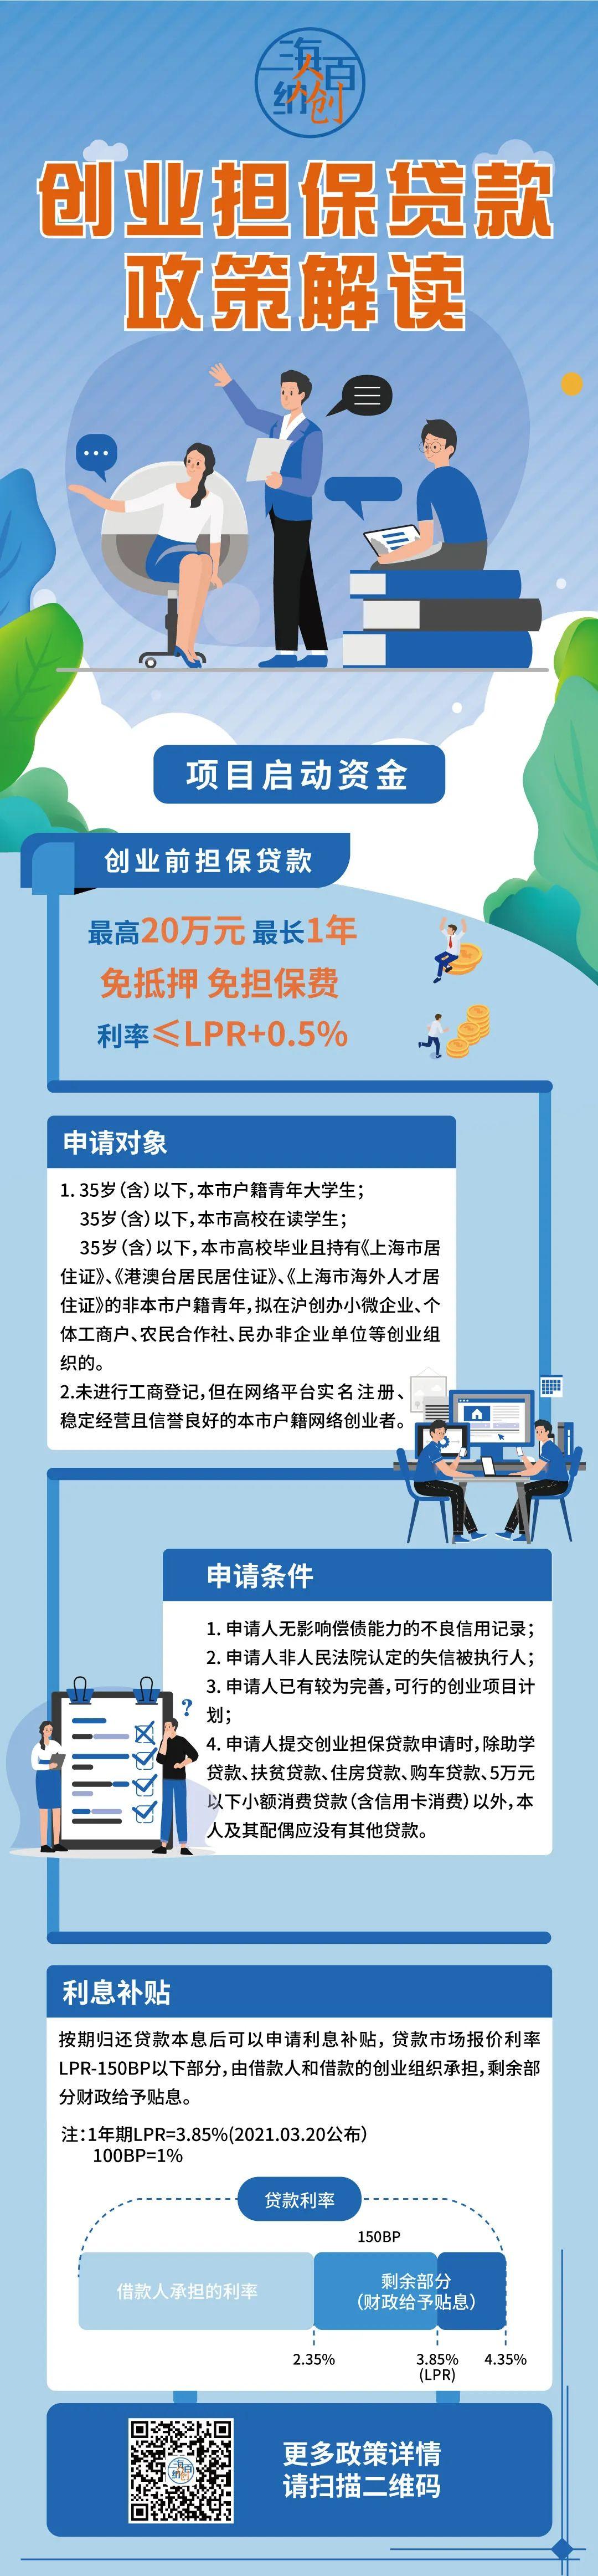 创业担保政策1.jpg